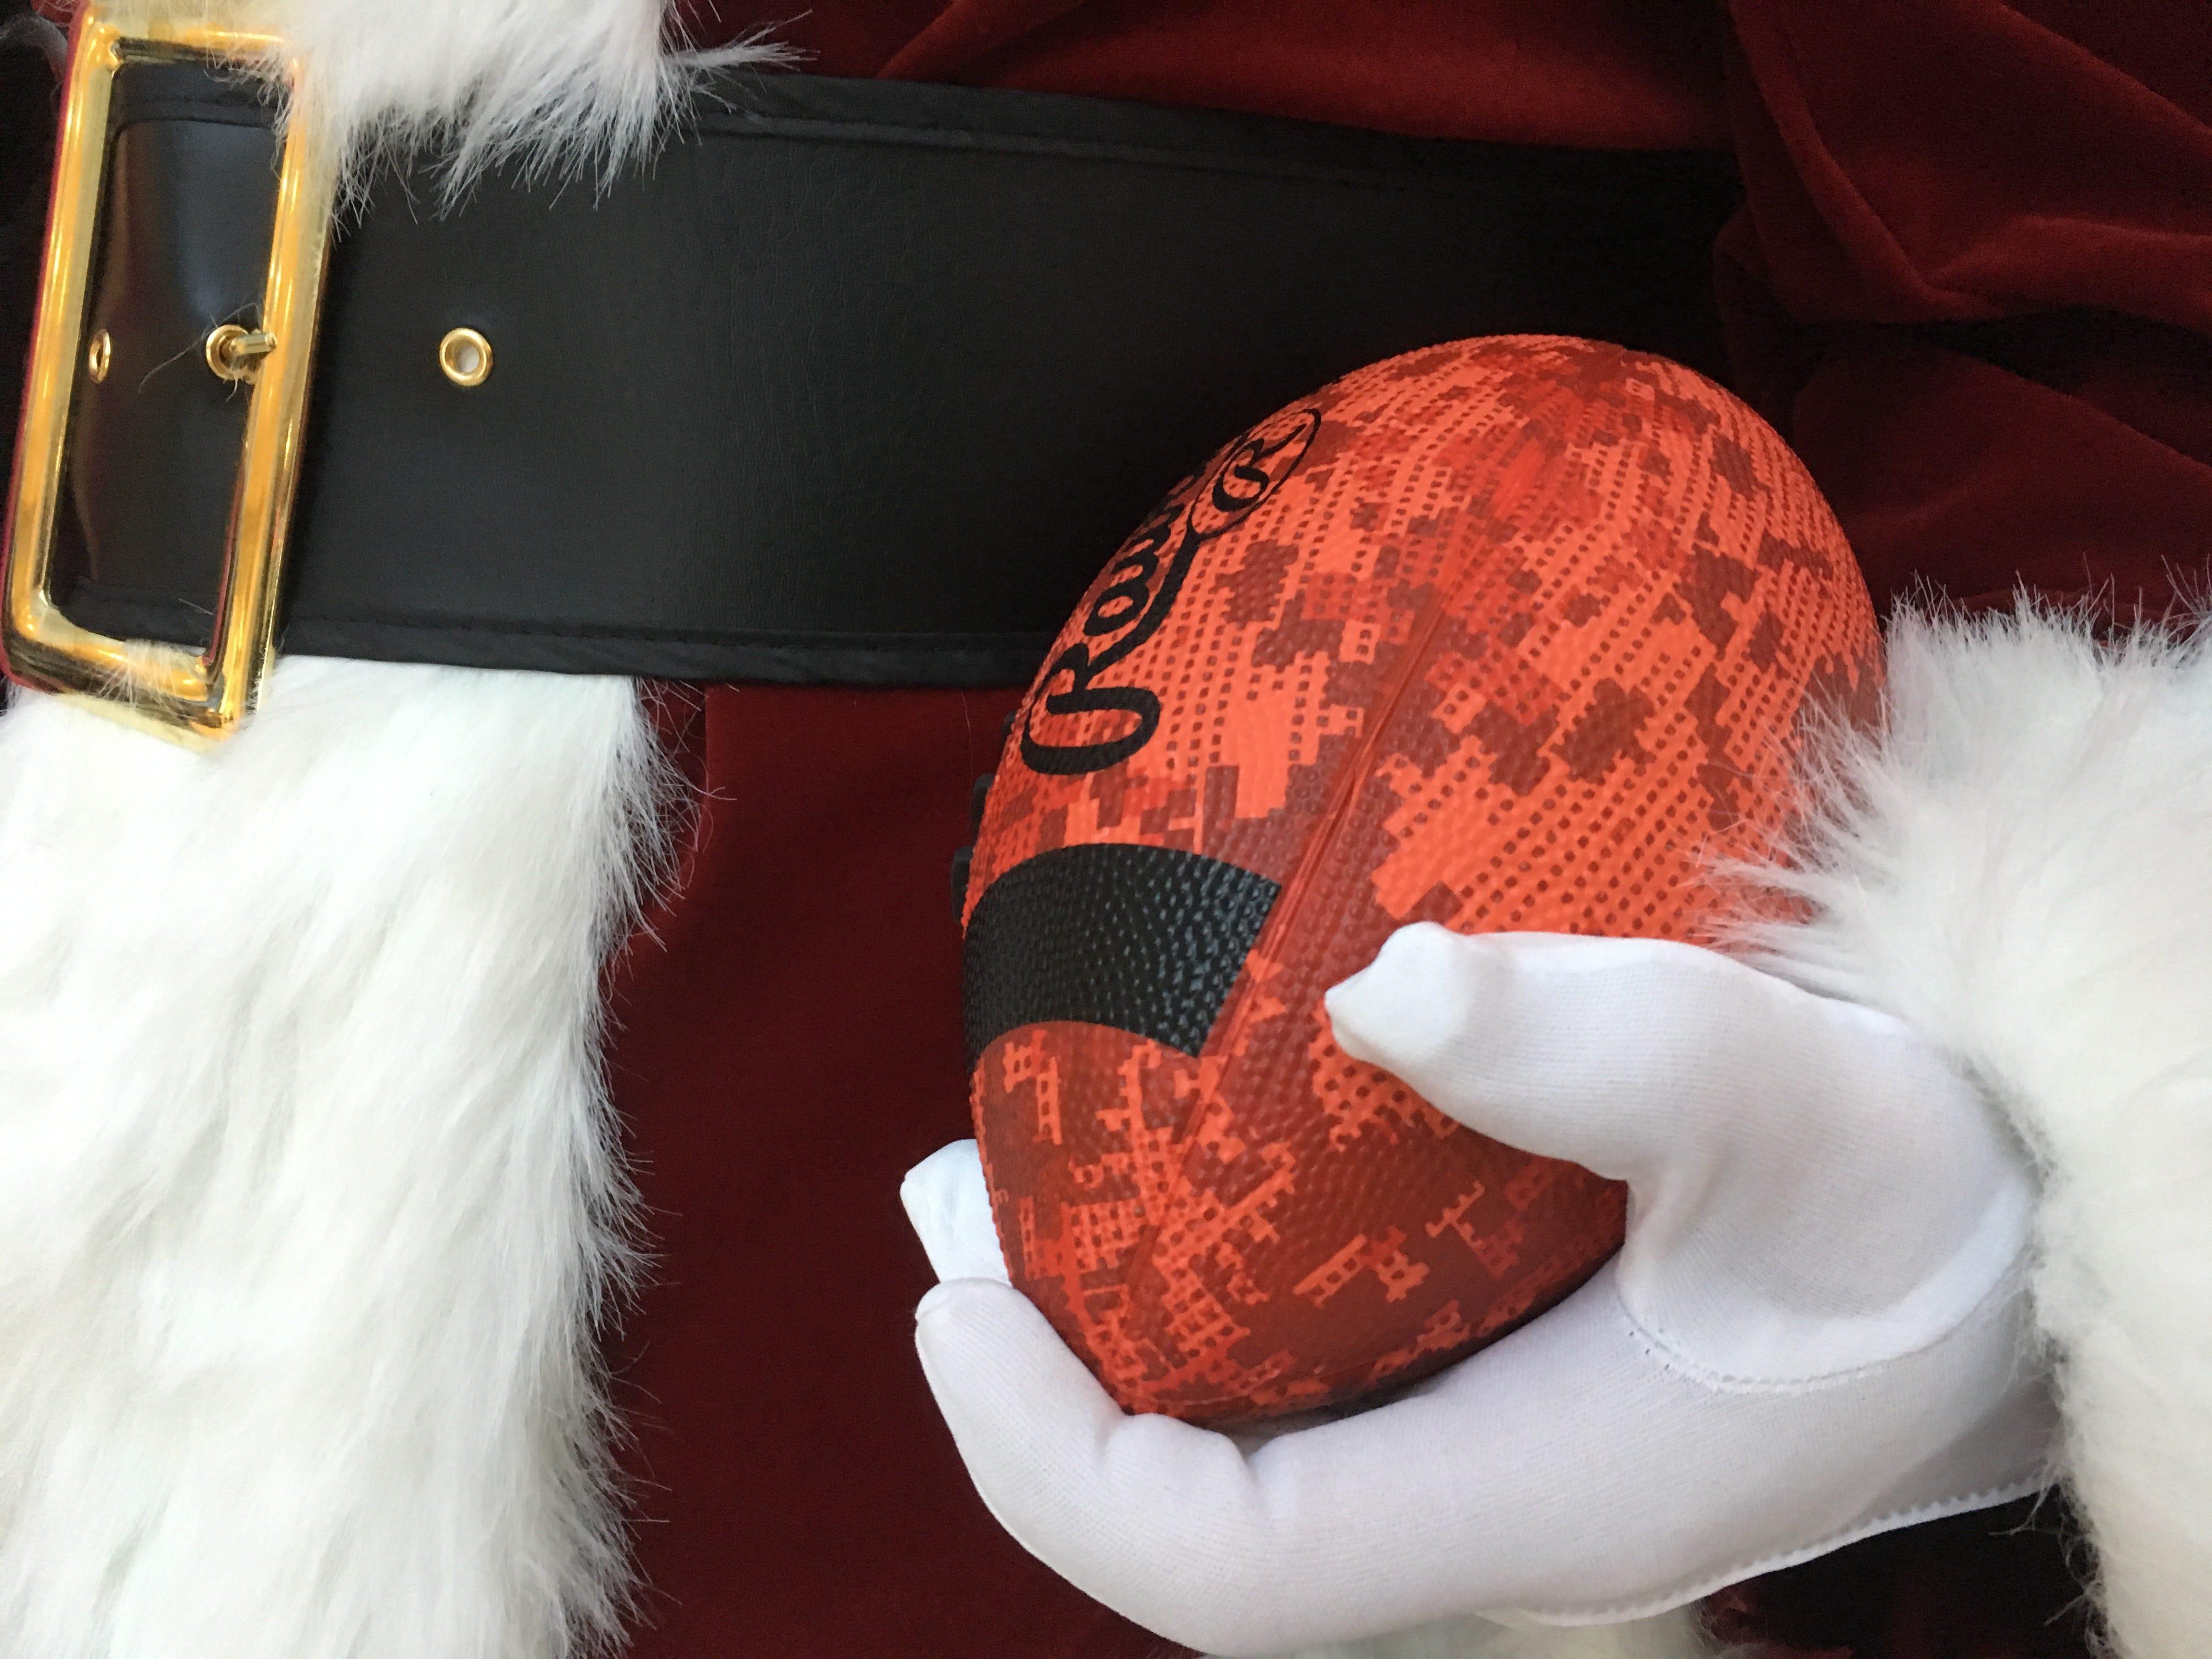 Santa holds a football during a toy donation at Hyundai Motor Manufacturing Alabama.